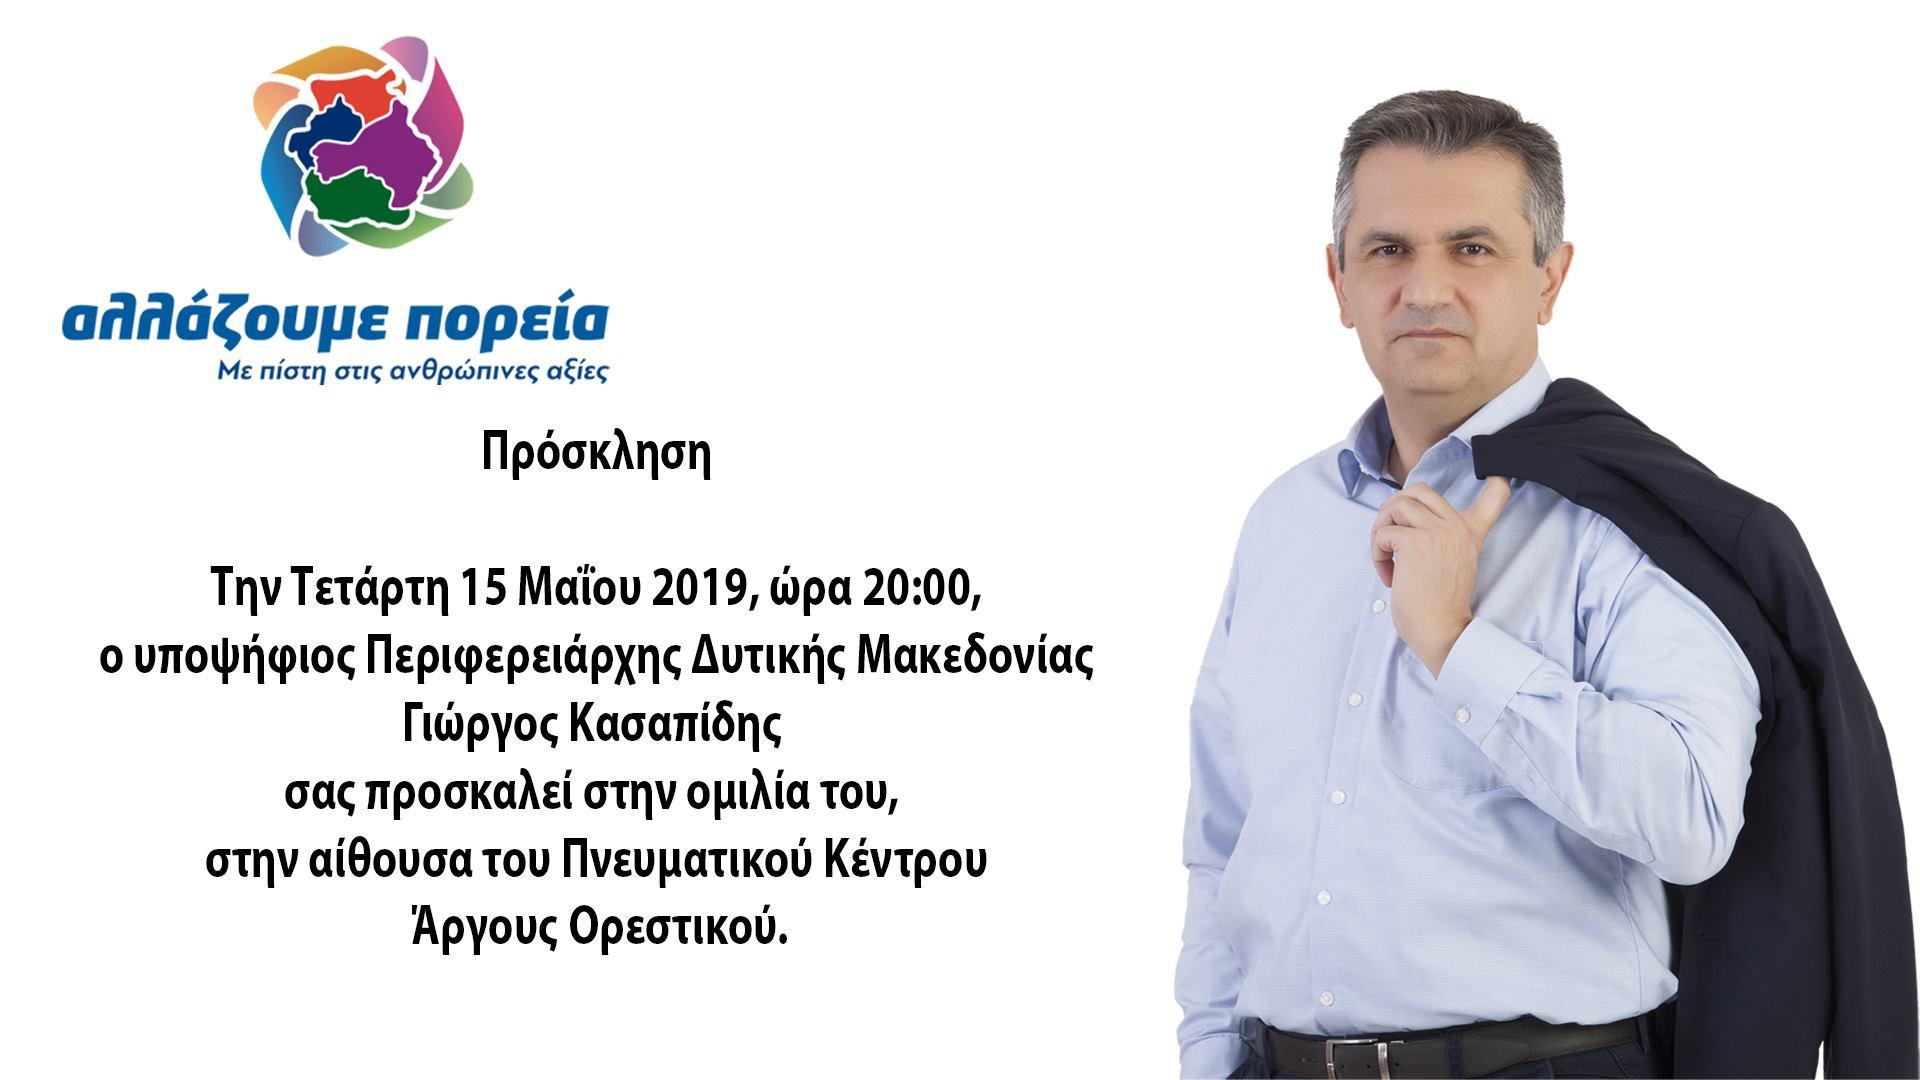 Ομιλία Κασαπίδη στο Άργος Ορεστικό